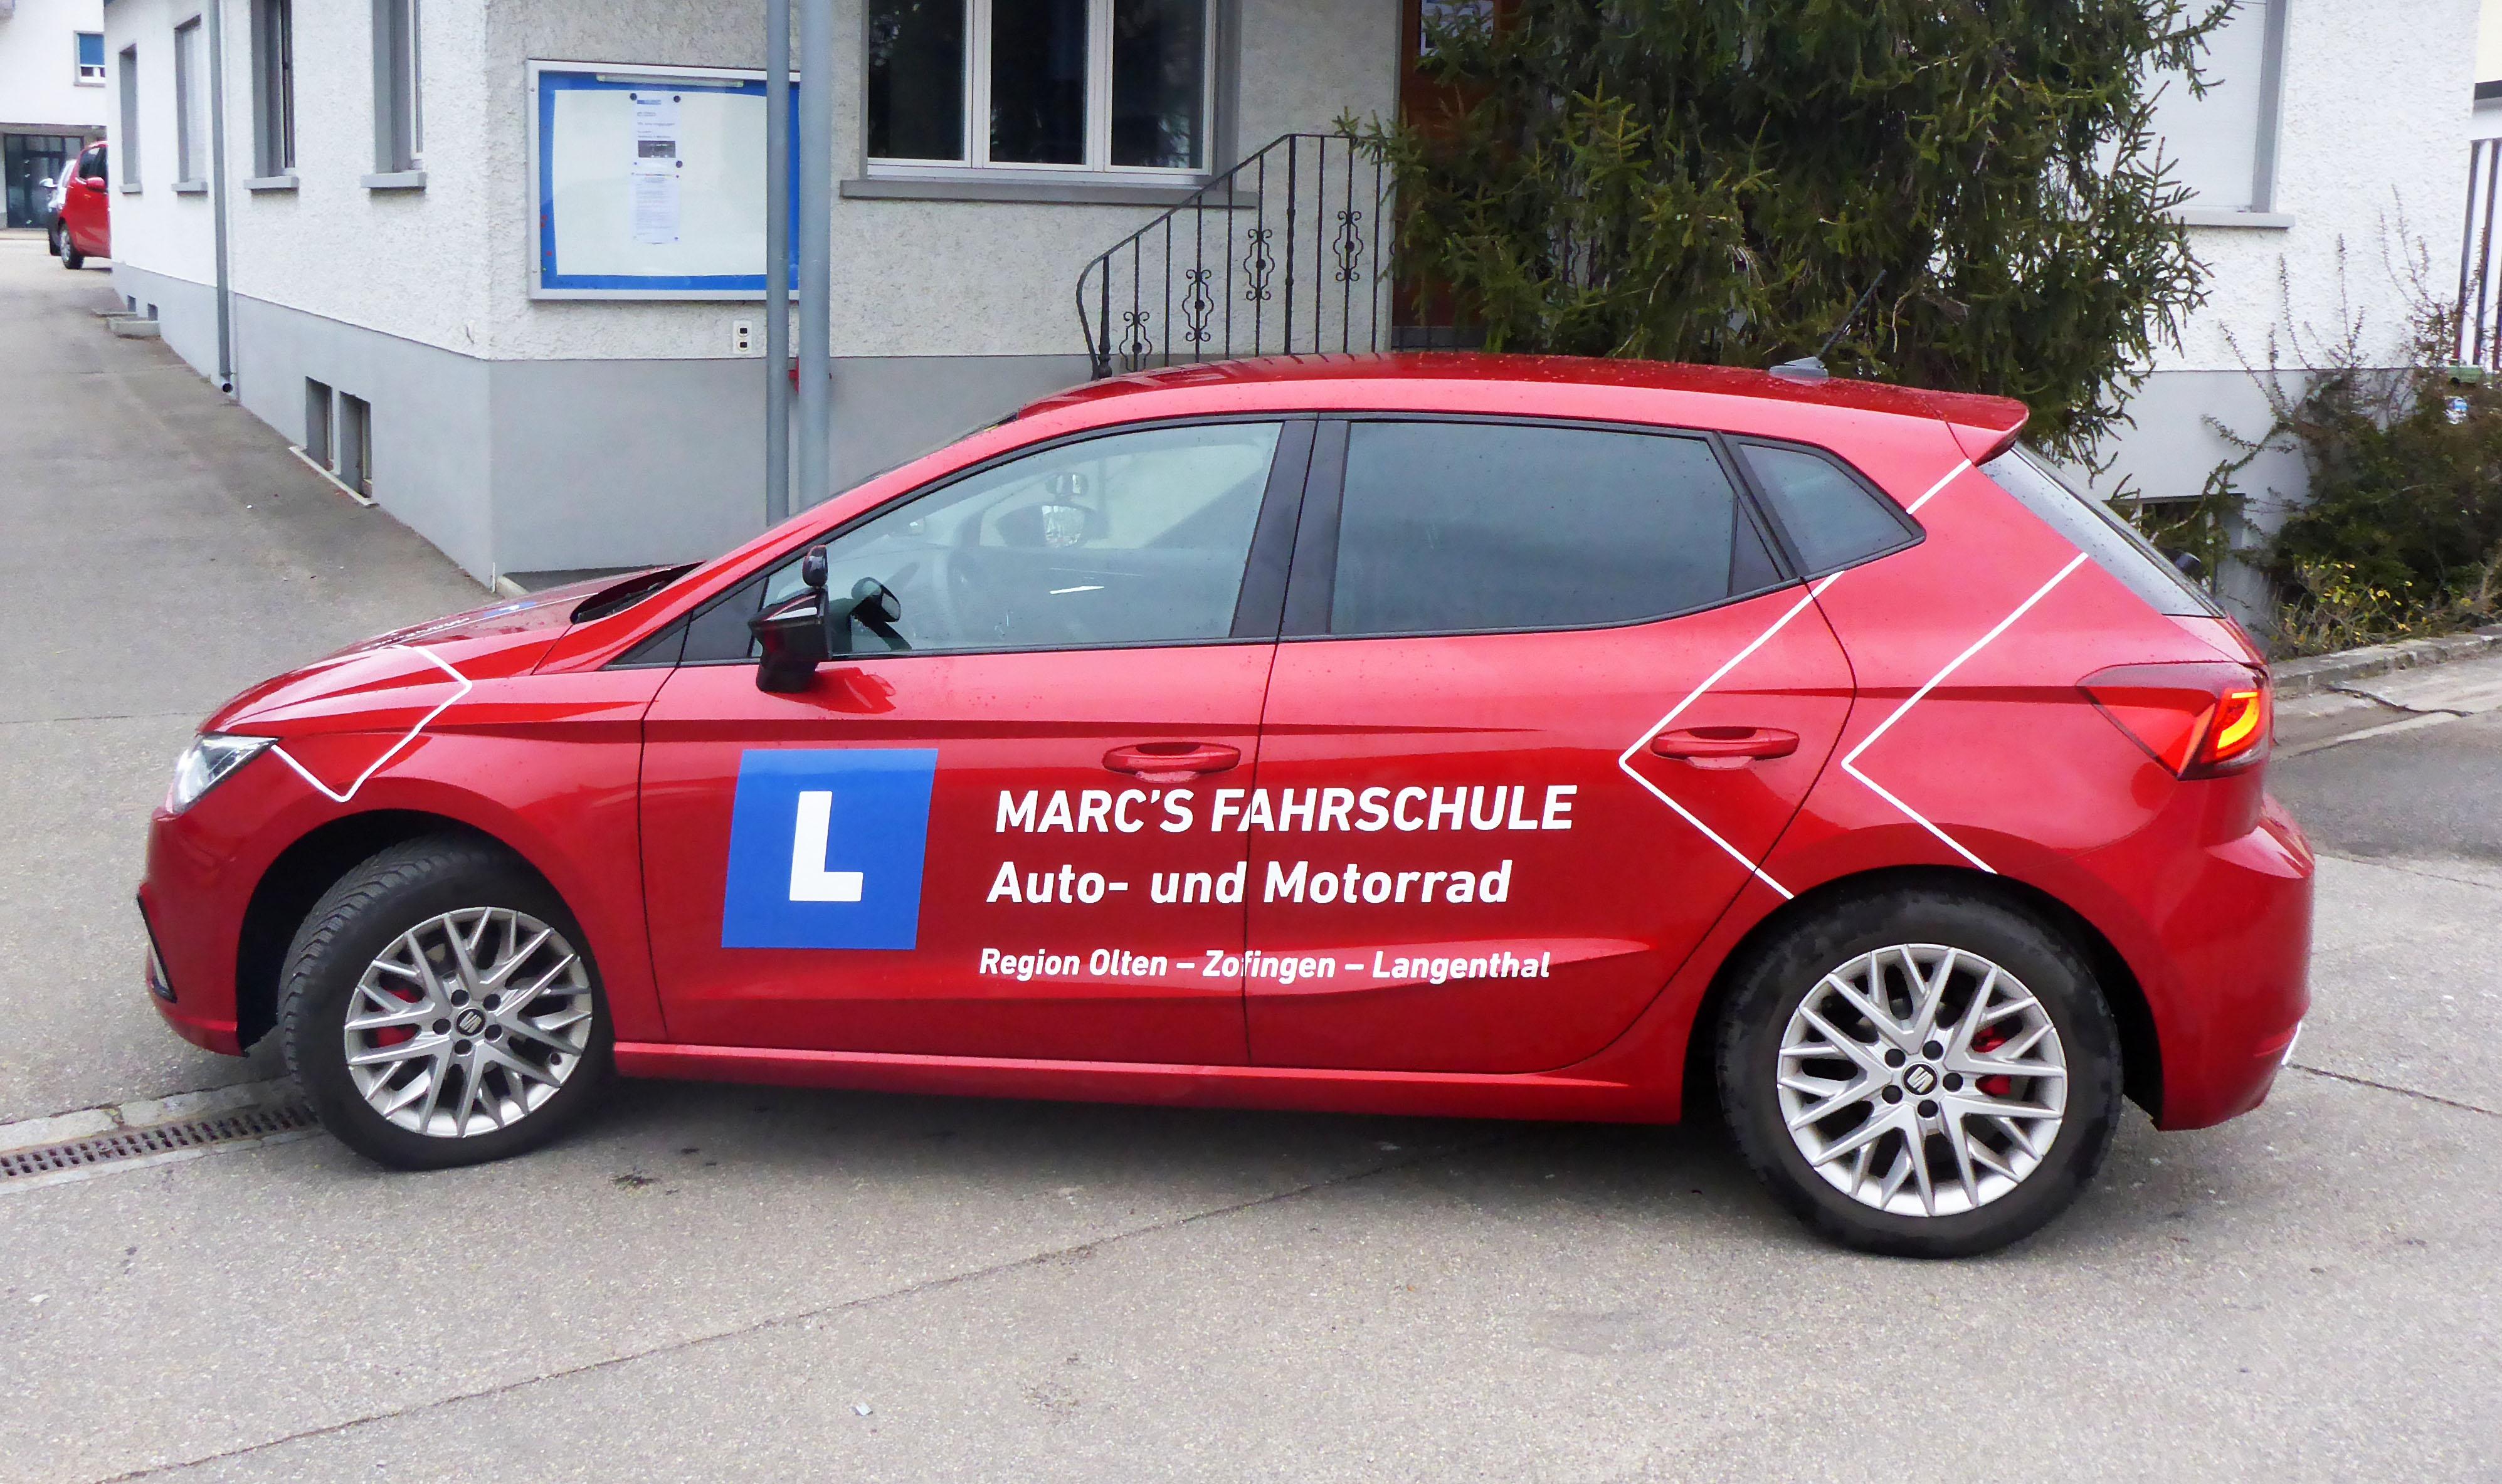 Fahrschule, Auto, Fahrlehrer, Zofingen, Olten, Langenthal, günstig, Marc s Fahrschule, Marc